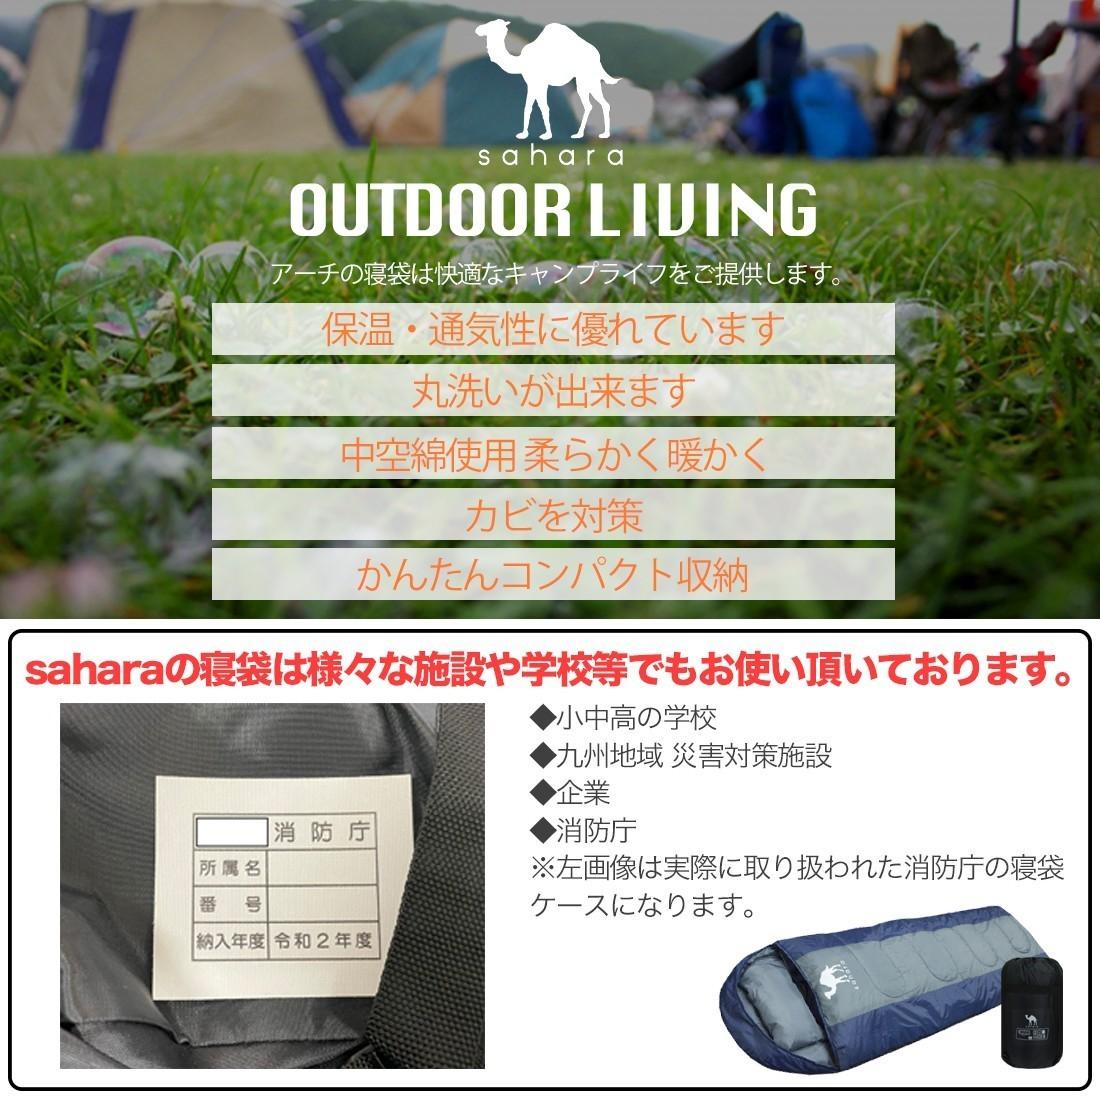 寝袋 シュラフ 封筒型 -15度 デジタル迷彩 デザート 新品未使用 キャンプ シュラフ 軽量